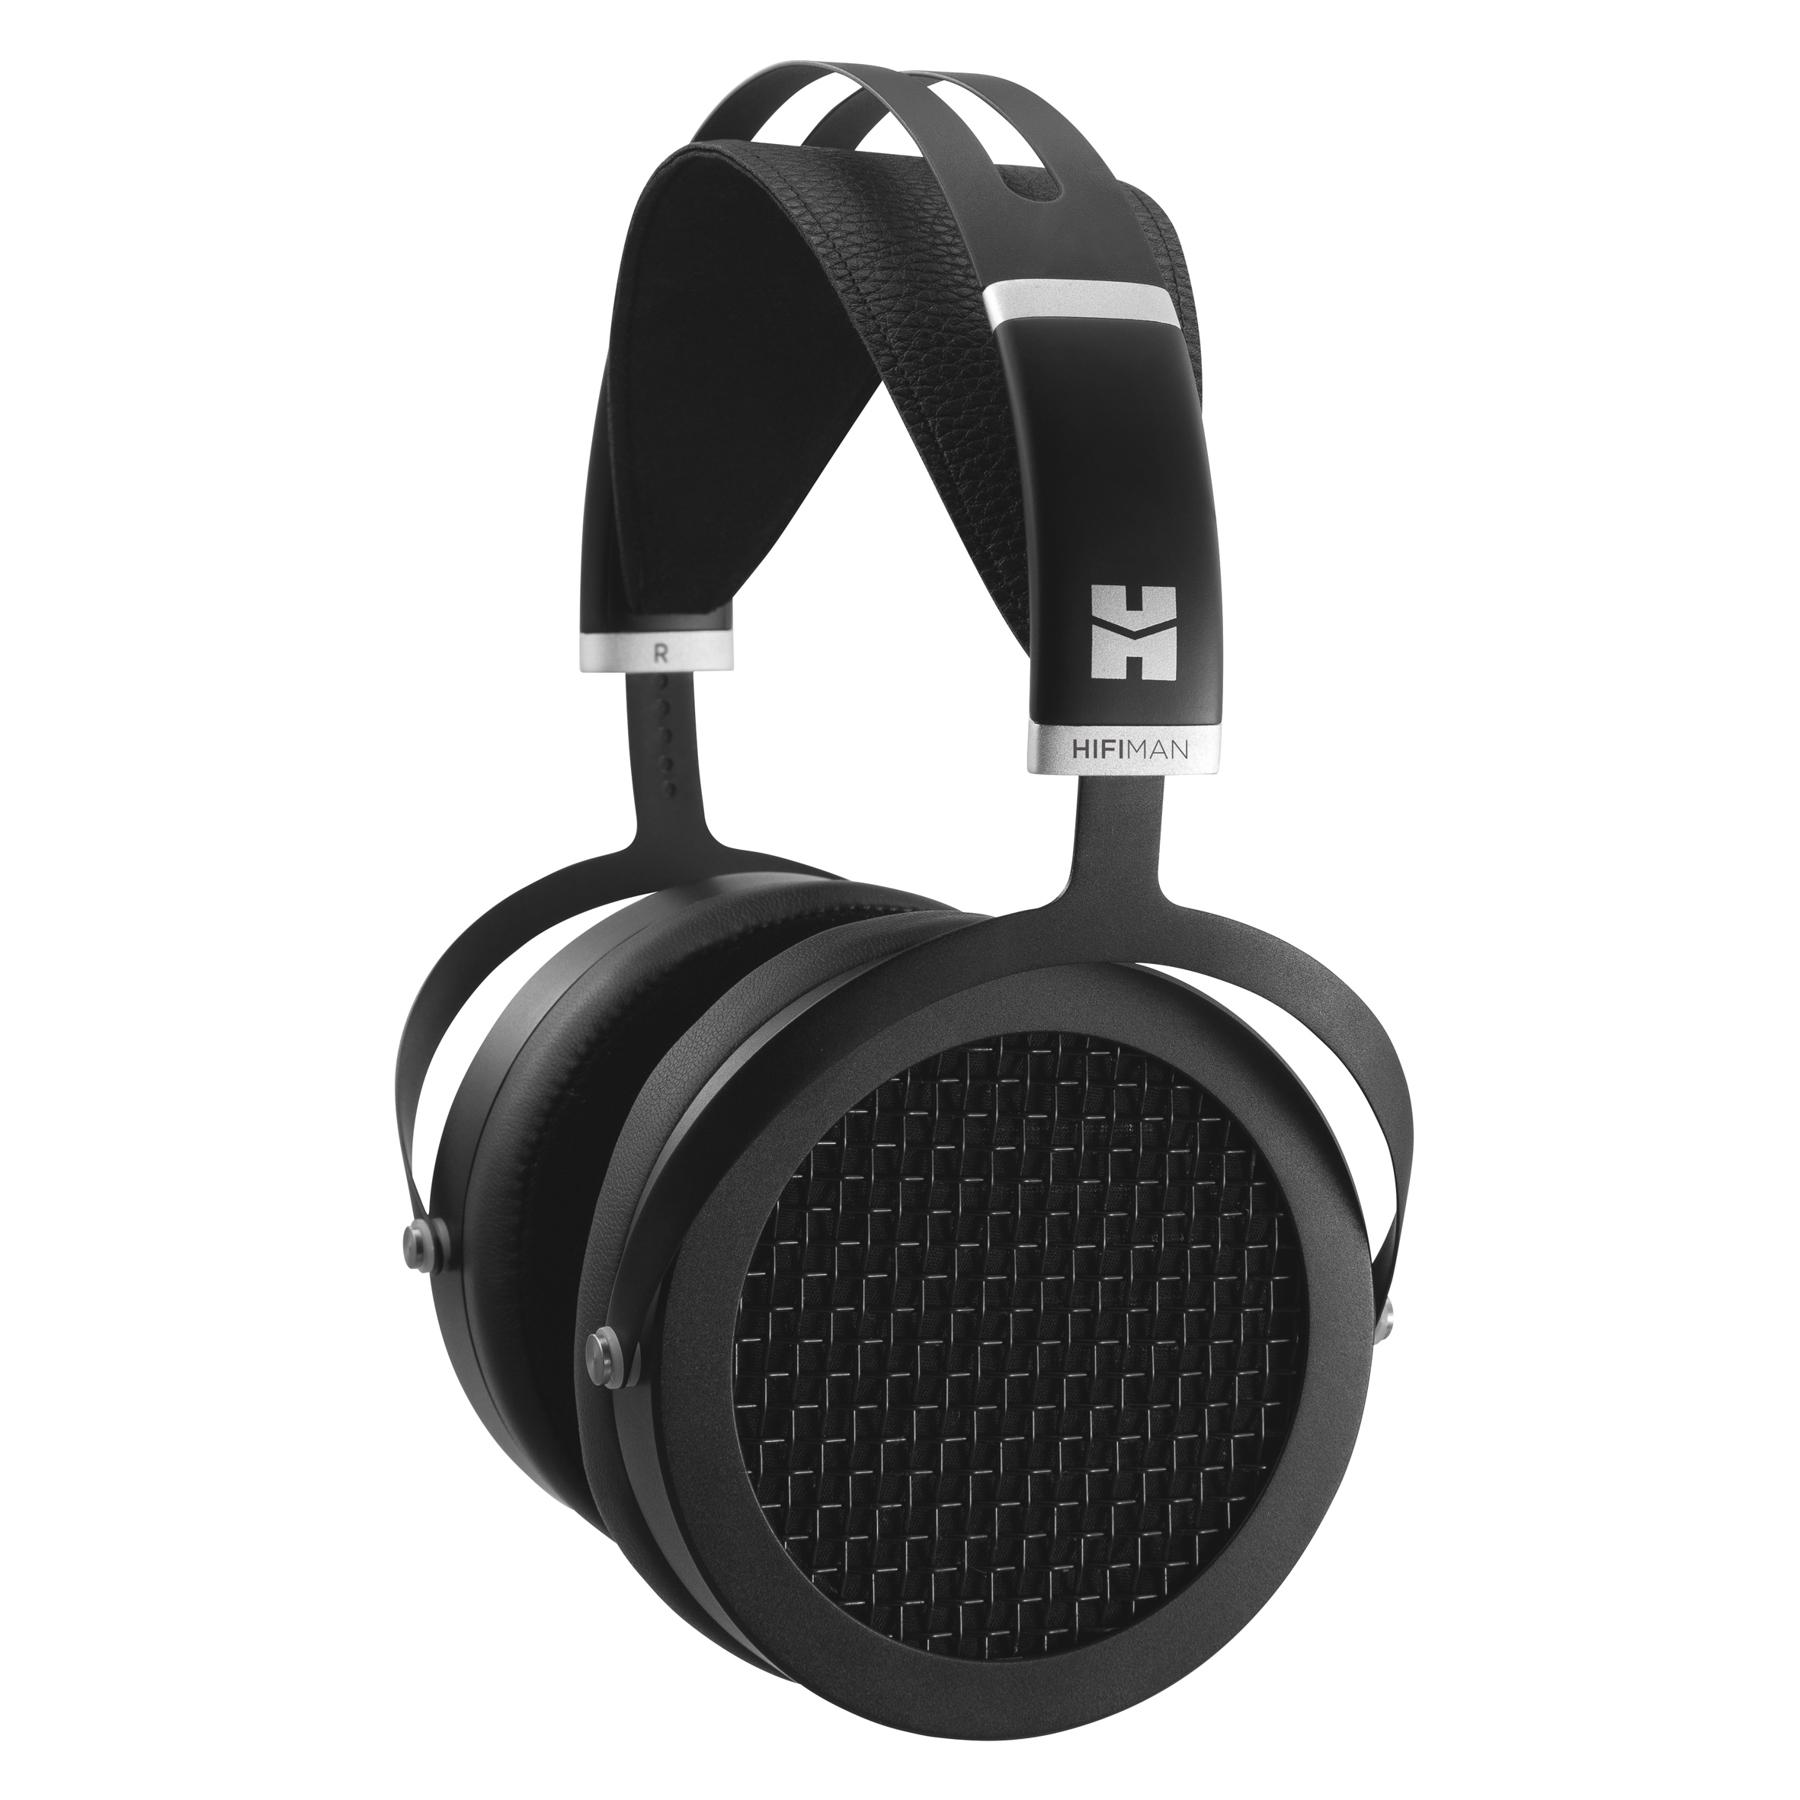 News: Hifiman stellt magnetostatischen Kopfhörer Sundara vor